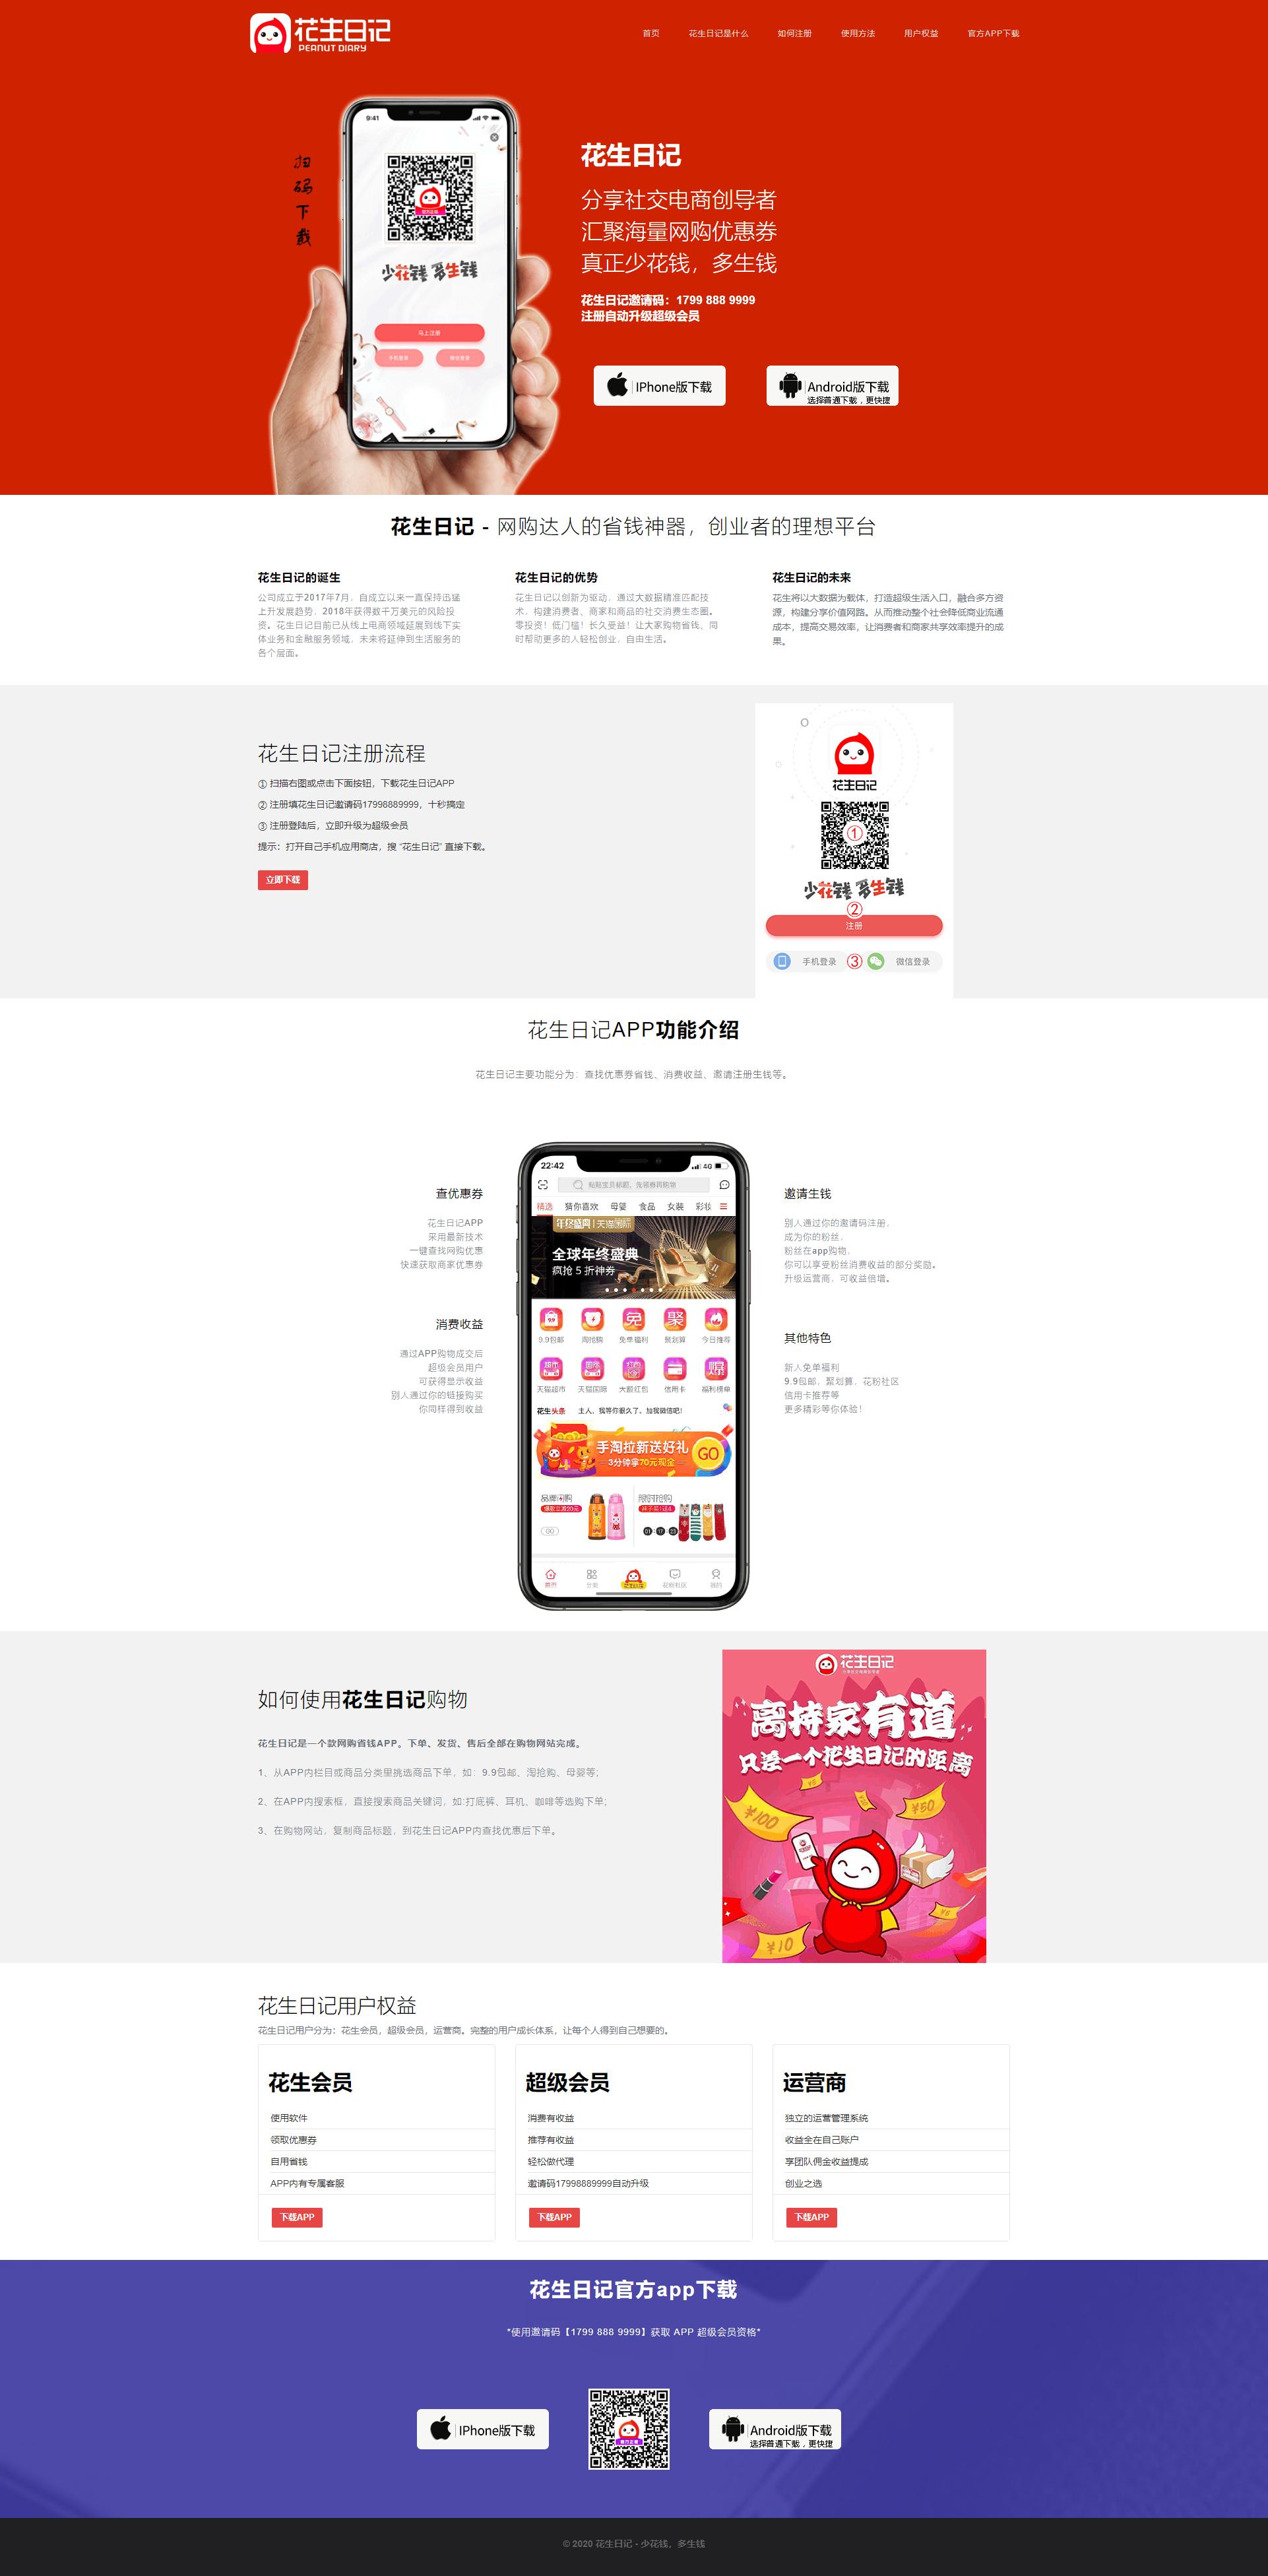 亲测 有演示丨精仿花生日记app自适应下载页html源码 app自适应下载竞价单页模版 app推广单页